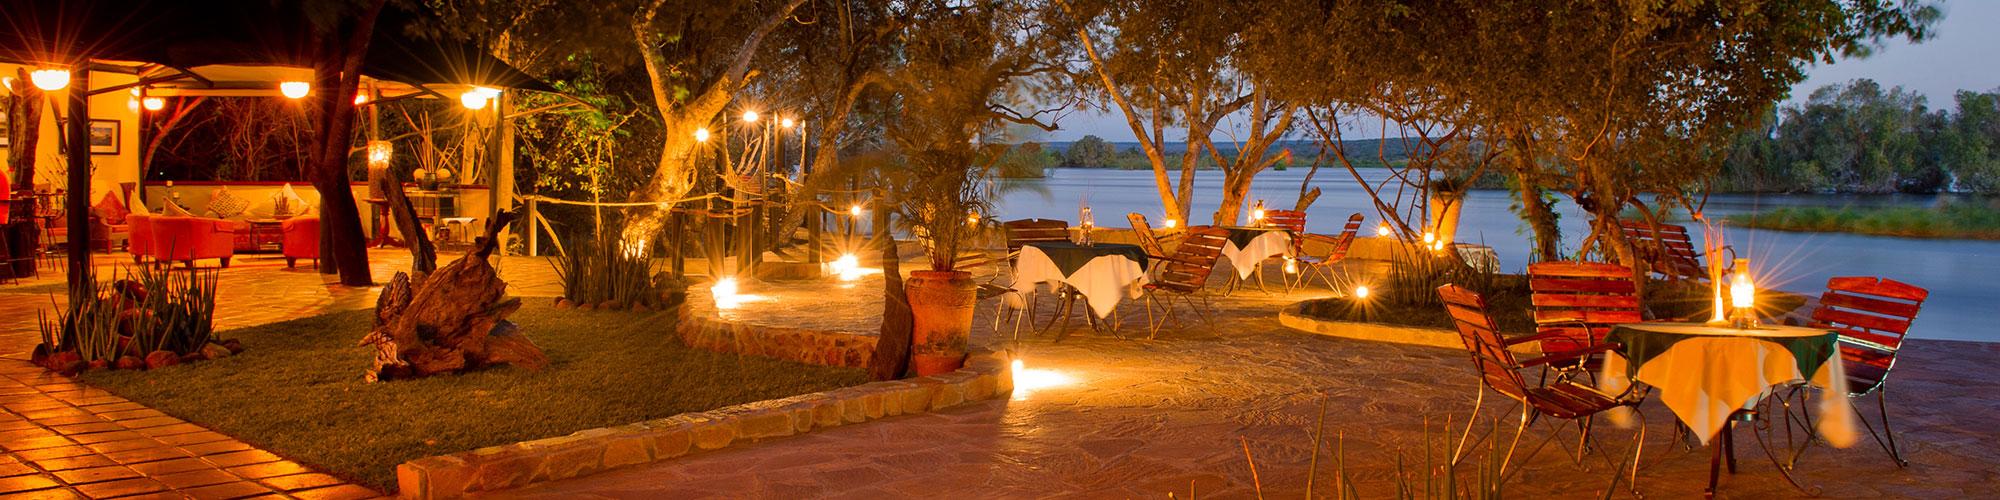 Islands-of-Siankaba-terrace-Zambia